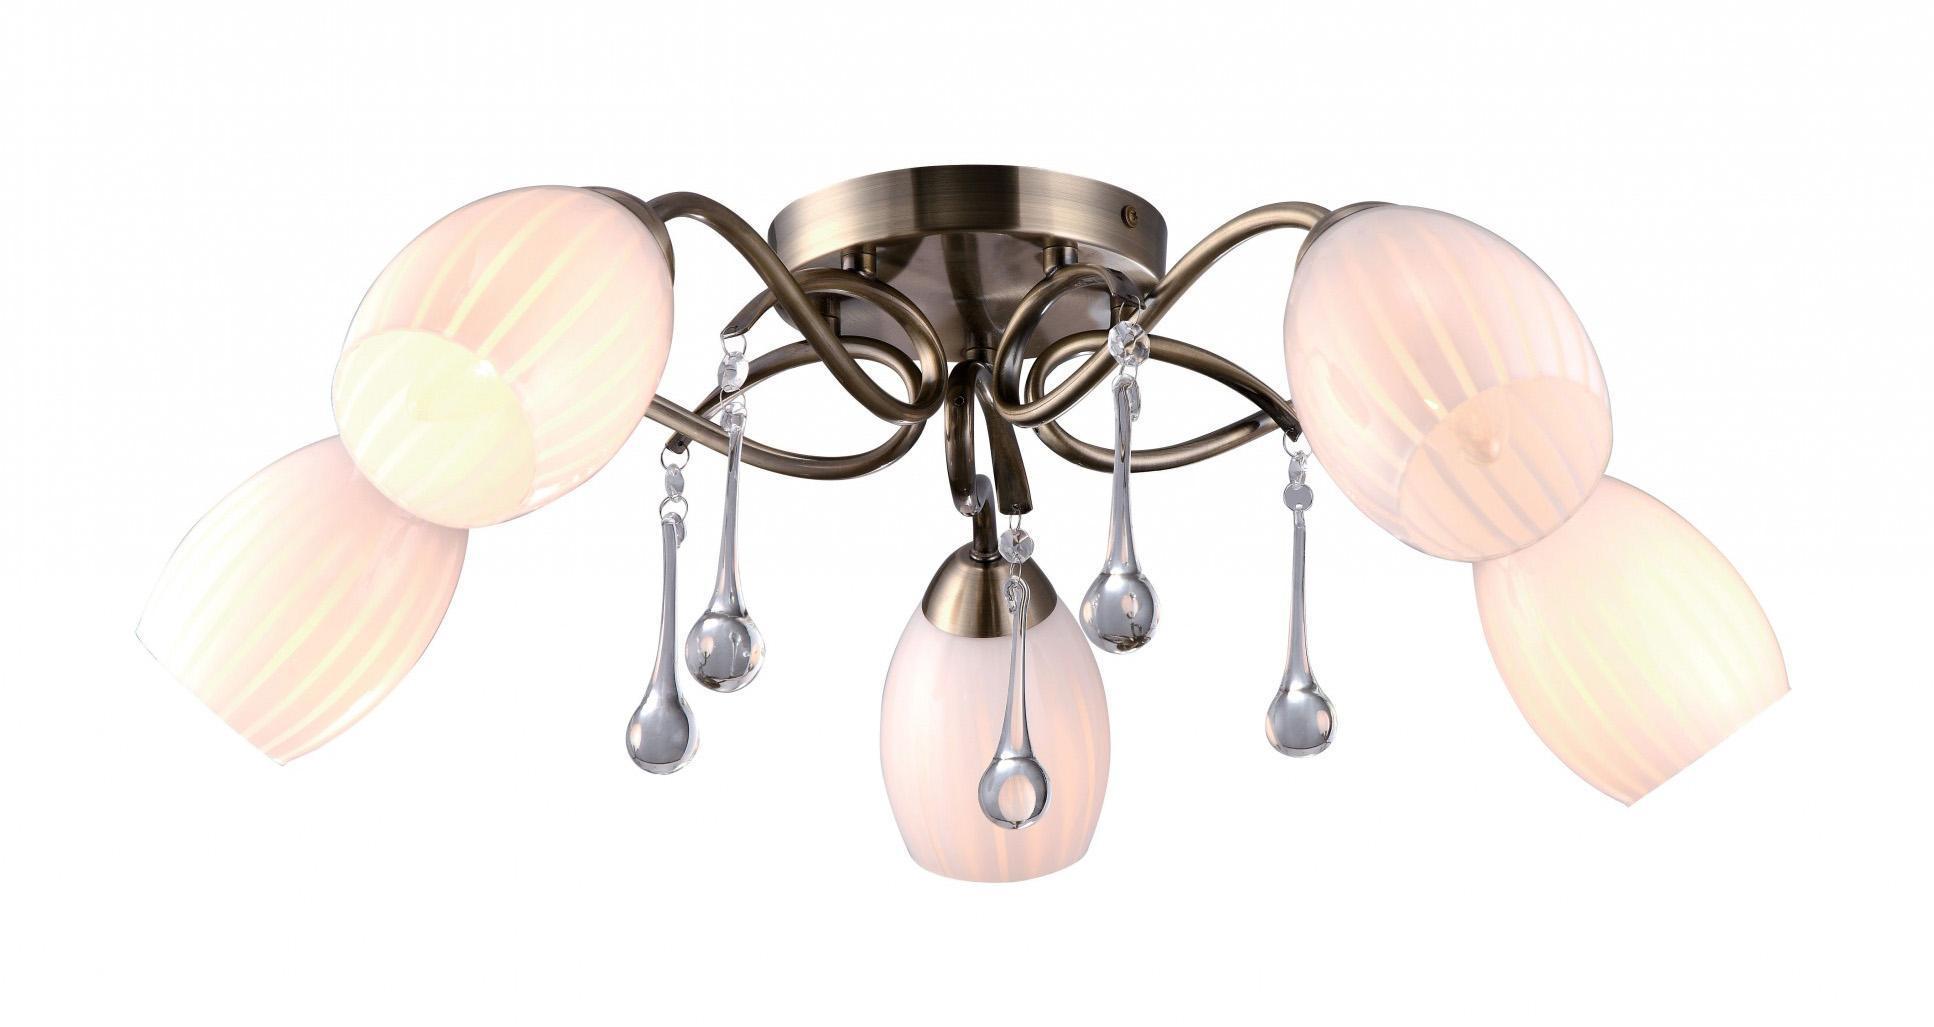 Люстра Arte lamp A9534pl-5ab arte lamp люстра arte lamp a7556pl 5ab